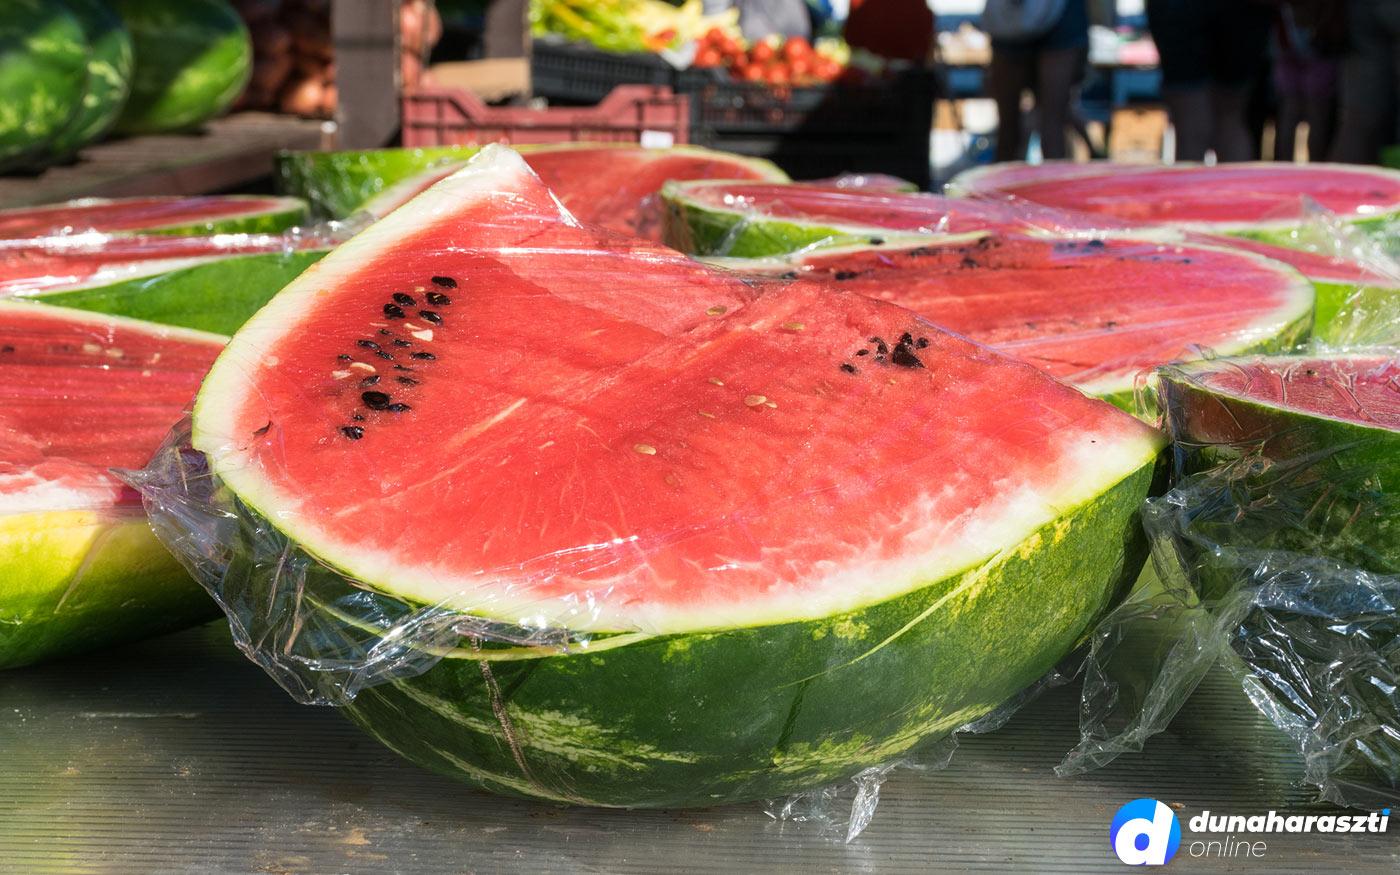 Megkezdődött az igazi dinnye szezon – egyre olcsóbb lesz a gyümölcs